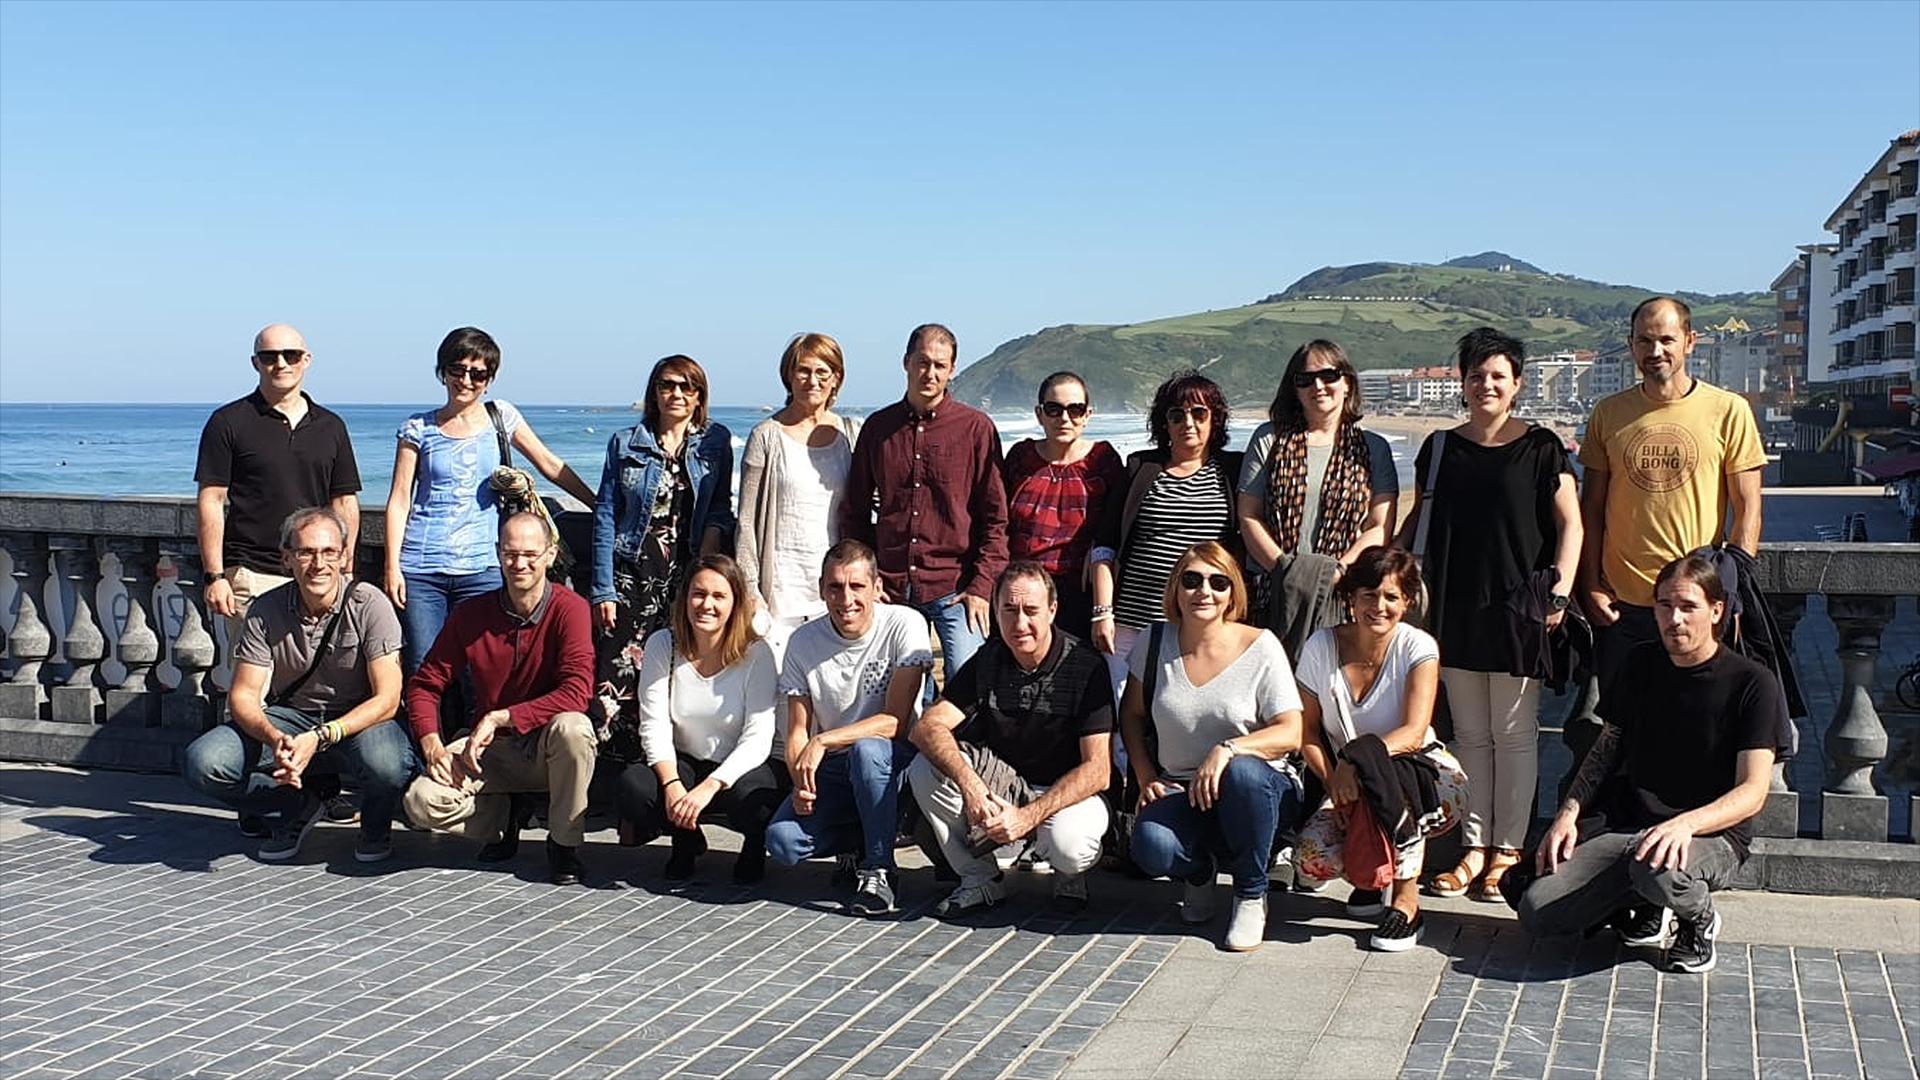 LKS Tasaciones ha celebrado su encuentro anual